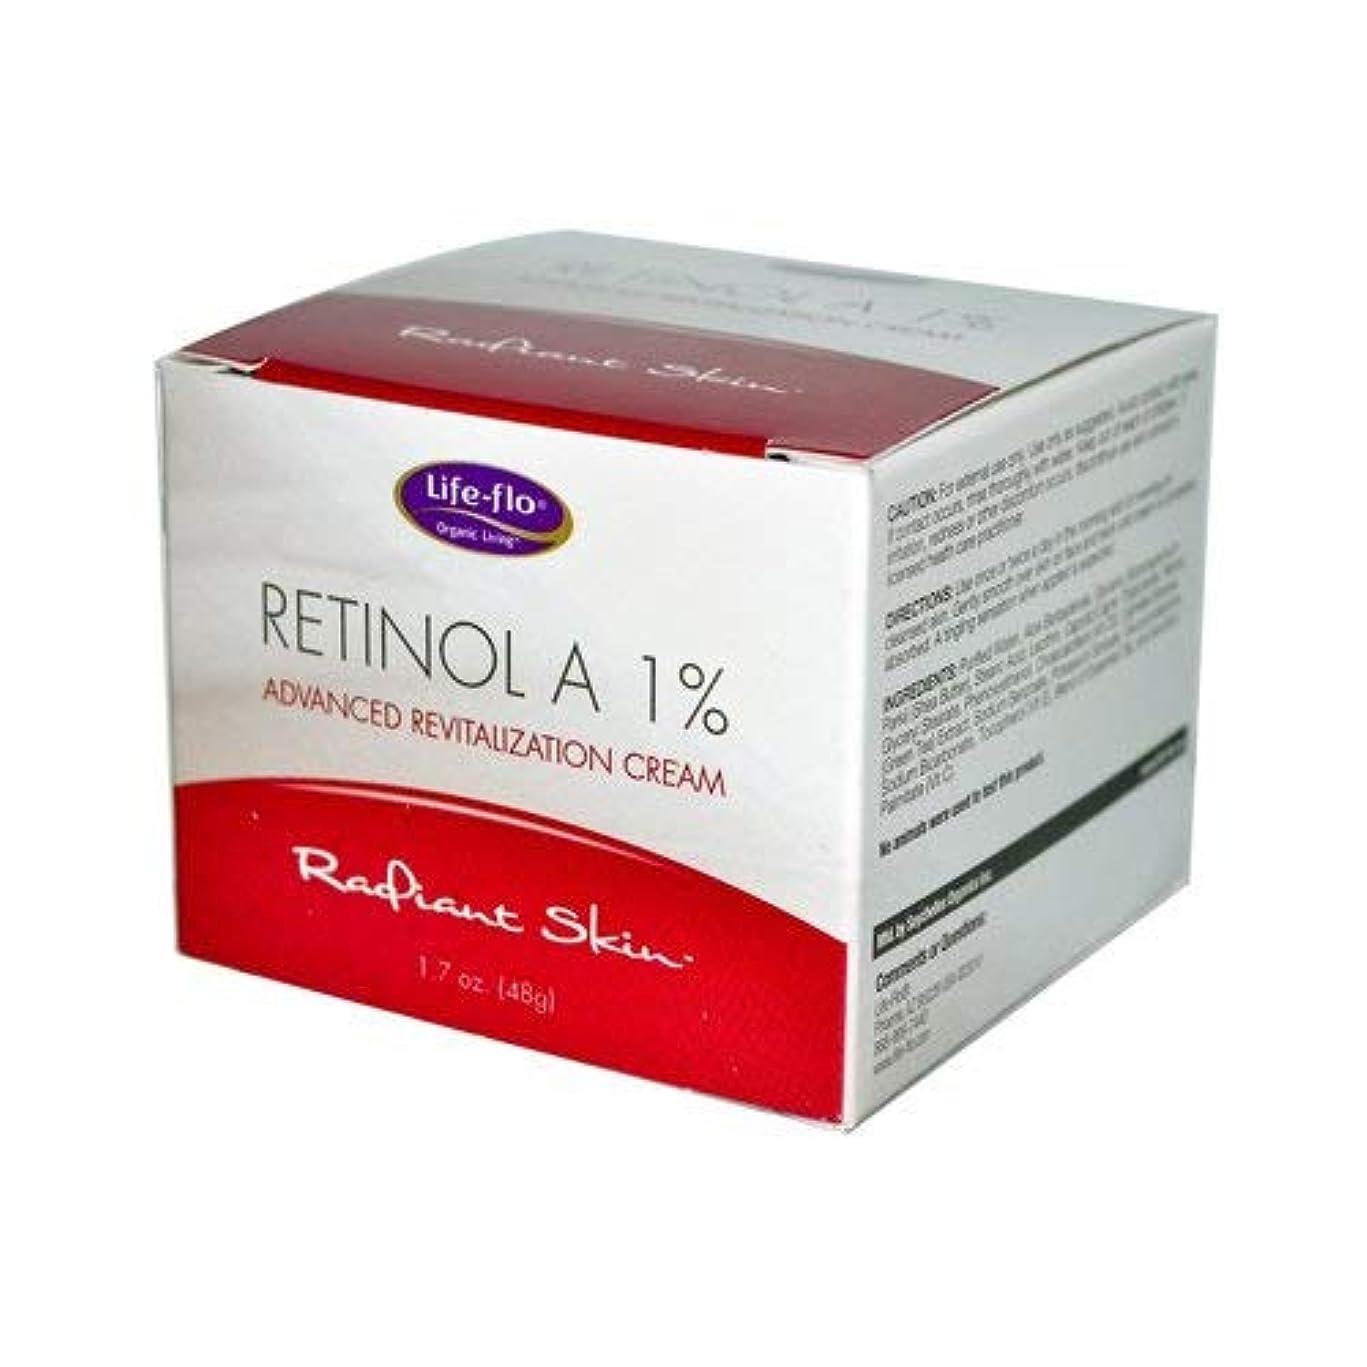 コットン最終的にさらに海外直送品 Life-Flo Retinol A 1% Advanced Revitalization Cream, 1.7 oz- 4 Packs